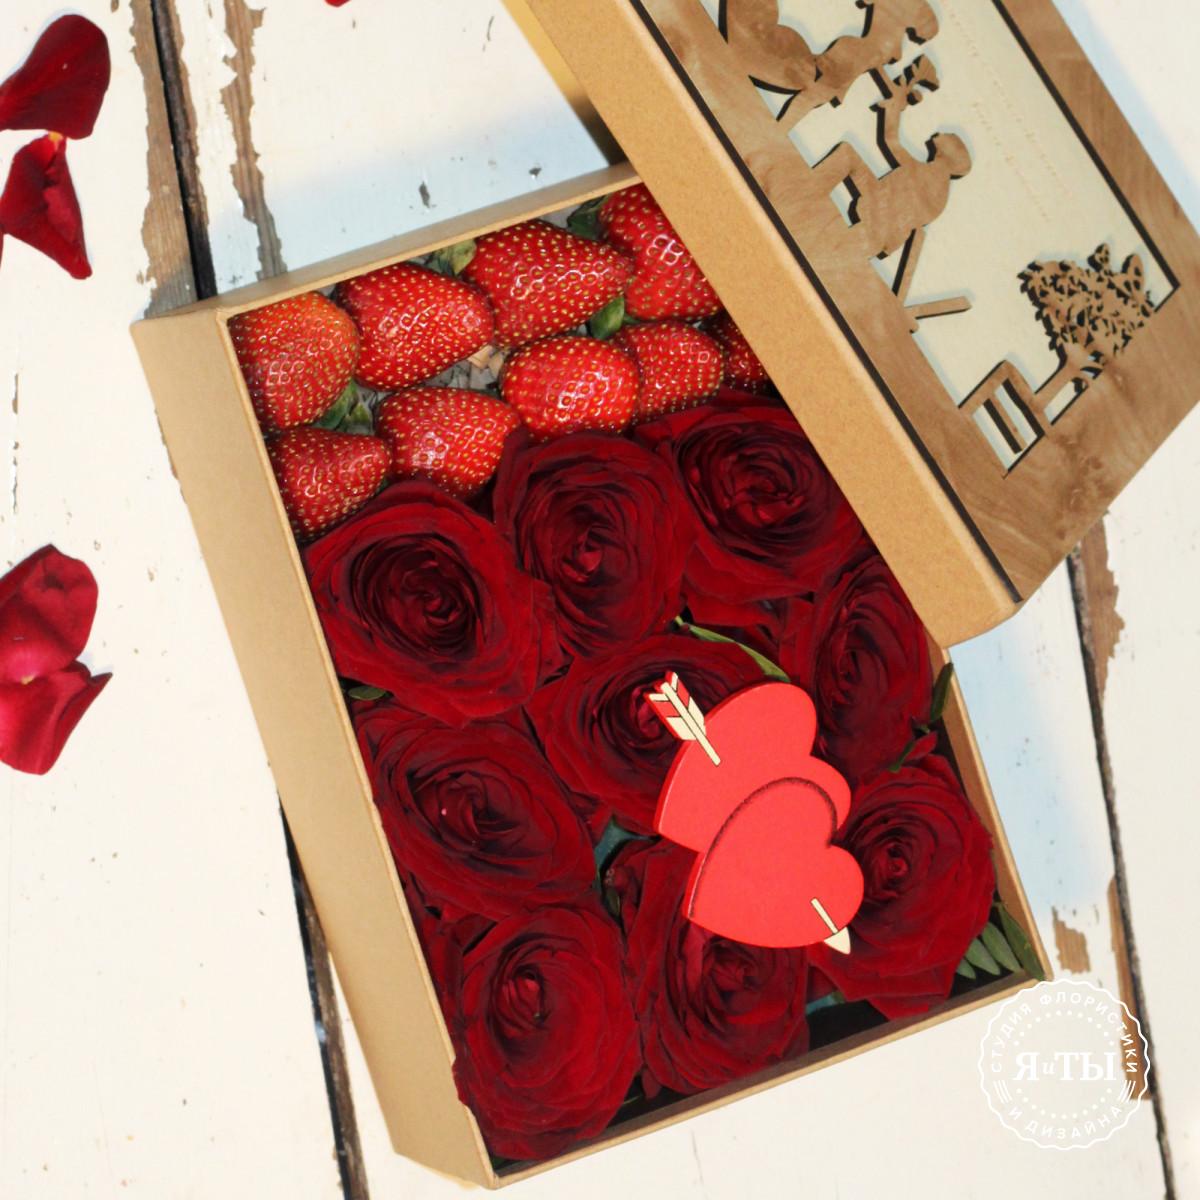 Коробочка с клубникой и розами